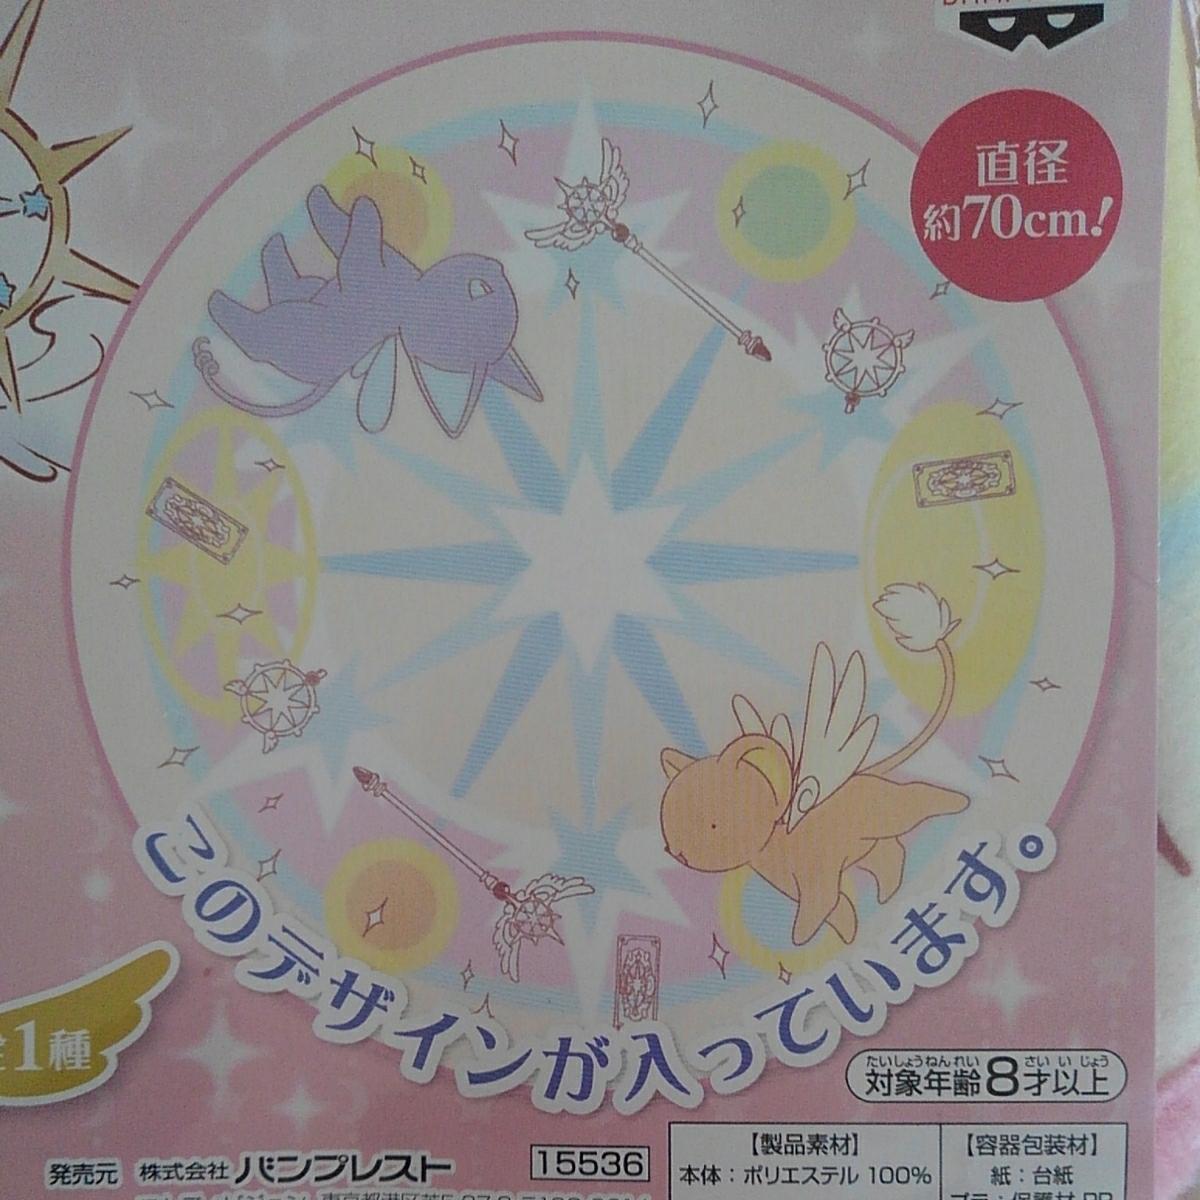 ◆一番くじ カードキャプターさくら クリアカード編 Twinkle Color Collection C賞:魔方陣サマーブランケット 新品未開封◆_画像3